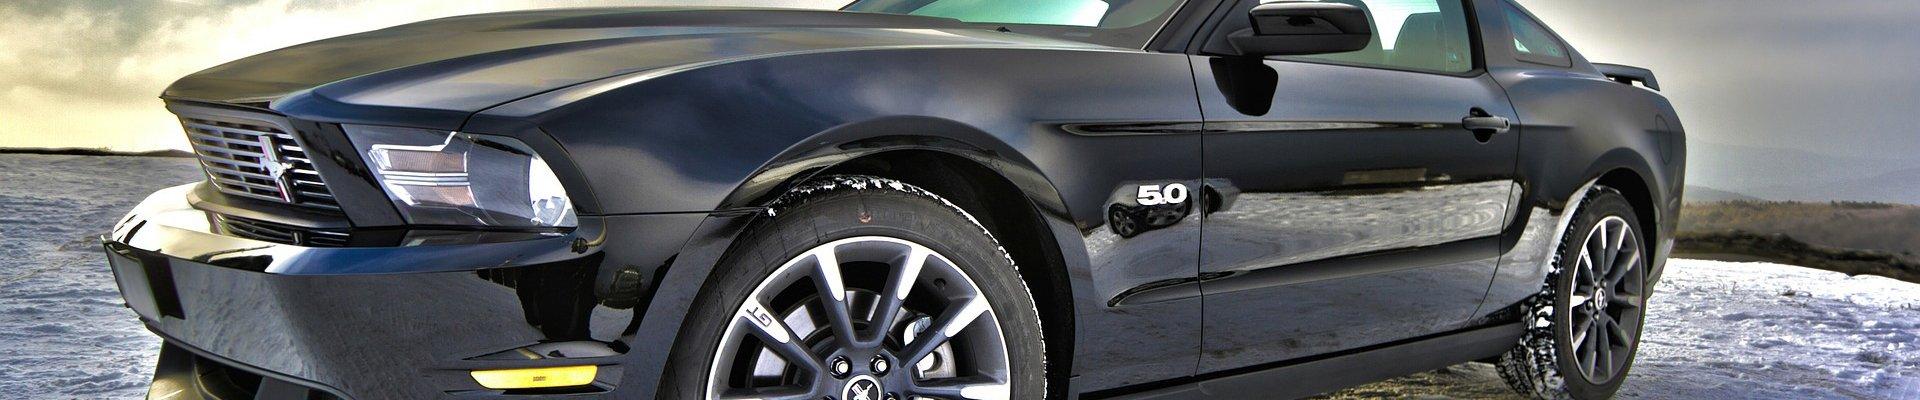 Auto Versicherung BestensVersichert.at